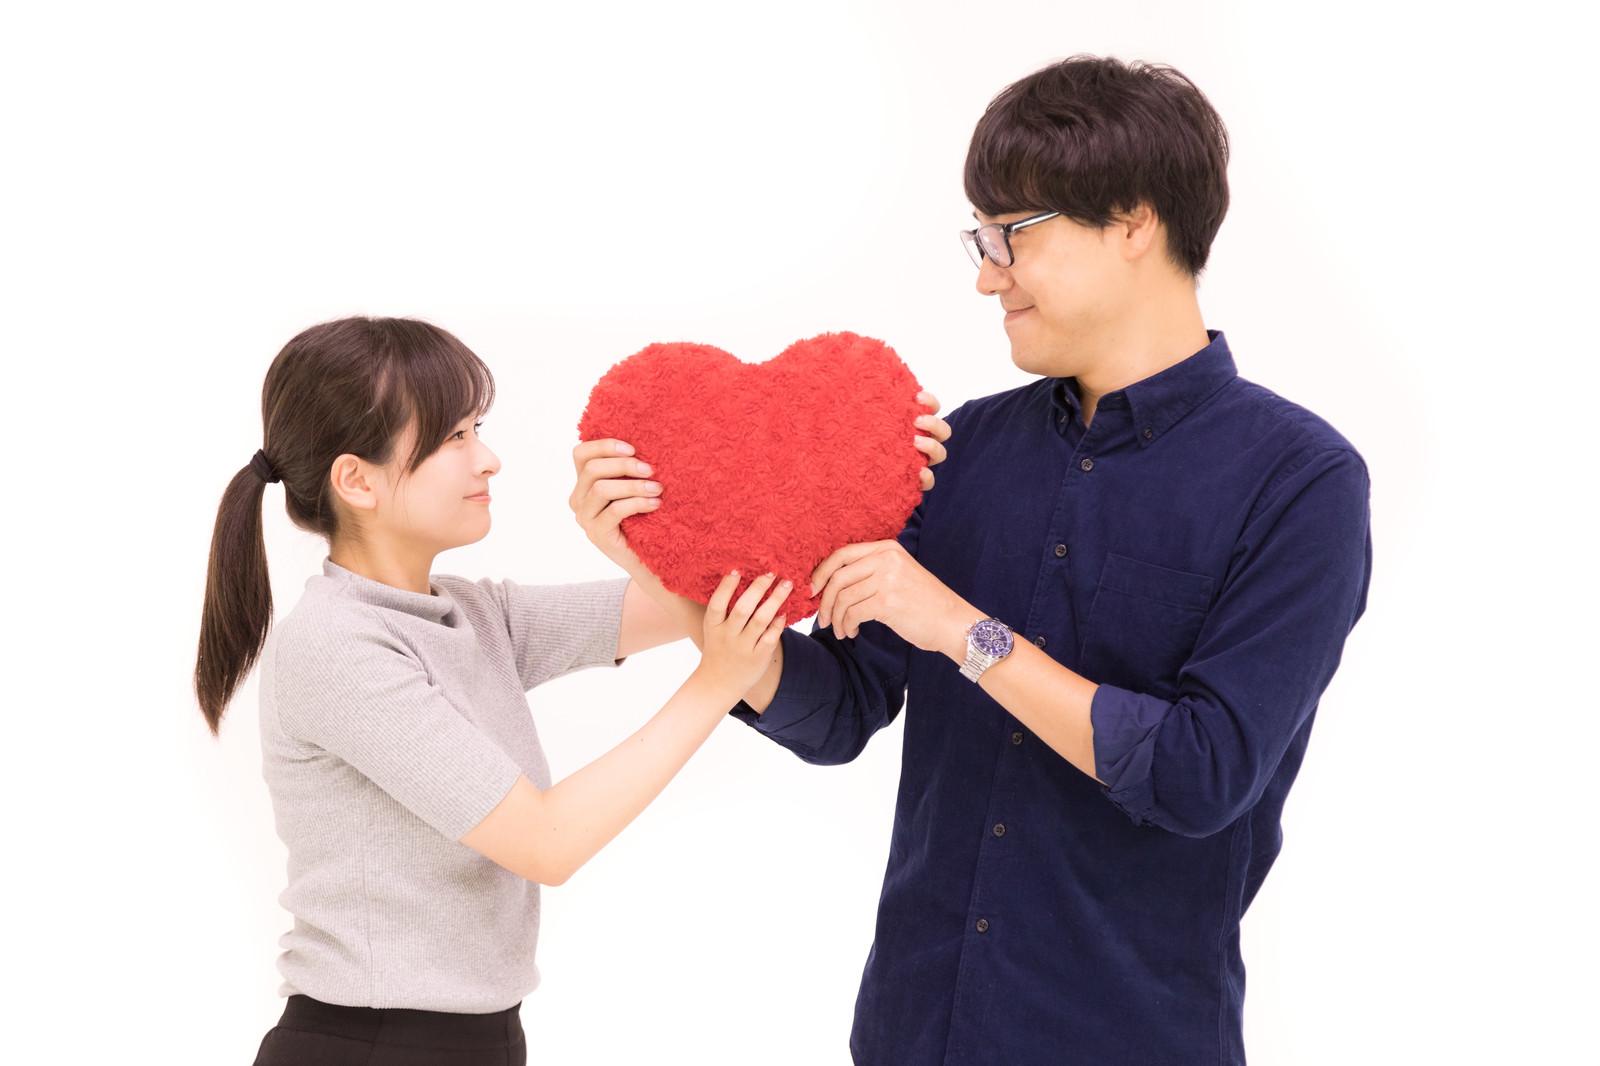 婚活は本音が言い合える関係づくりが大事